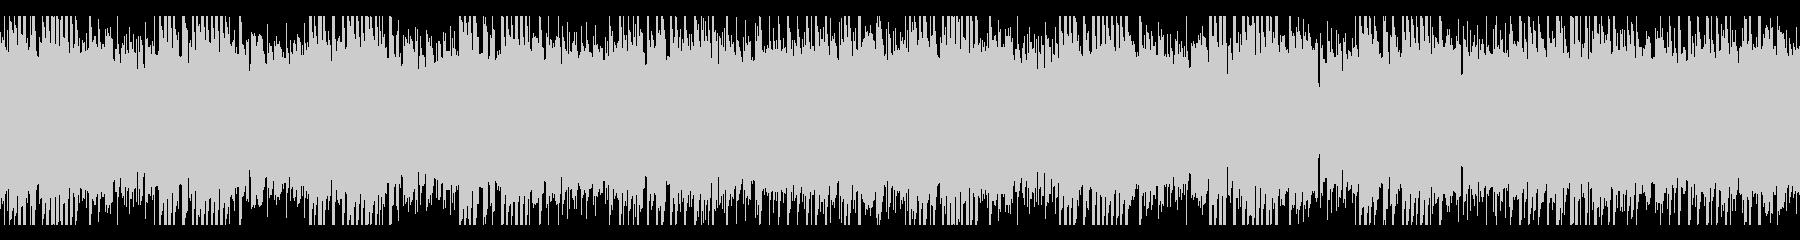 ピコピコゲーム アミューズメント8Bitの未再生の波形